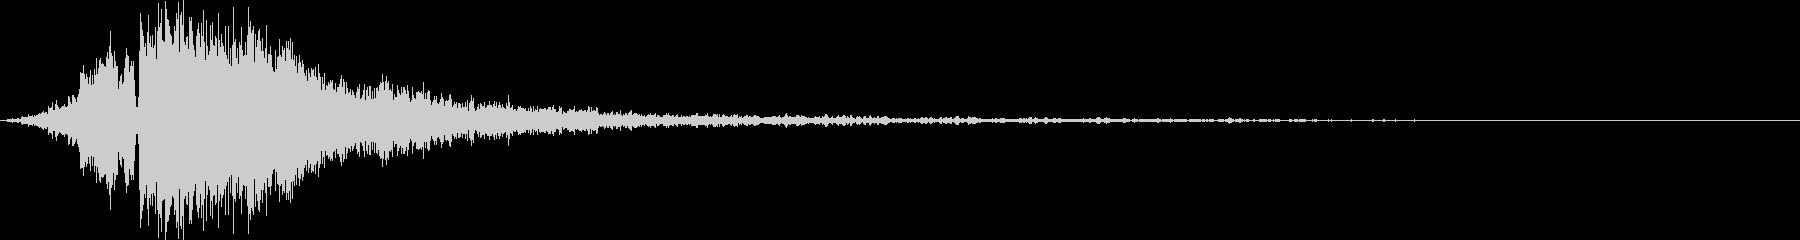 剣『ガキーン!』の未再生の波形